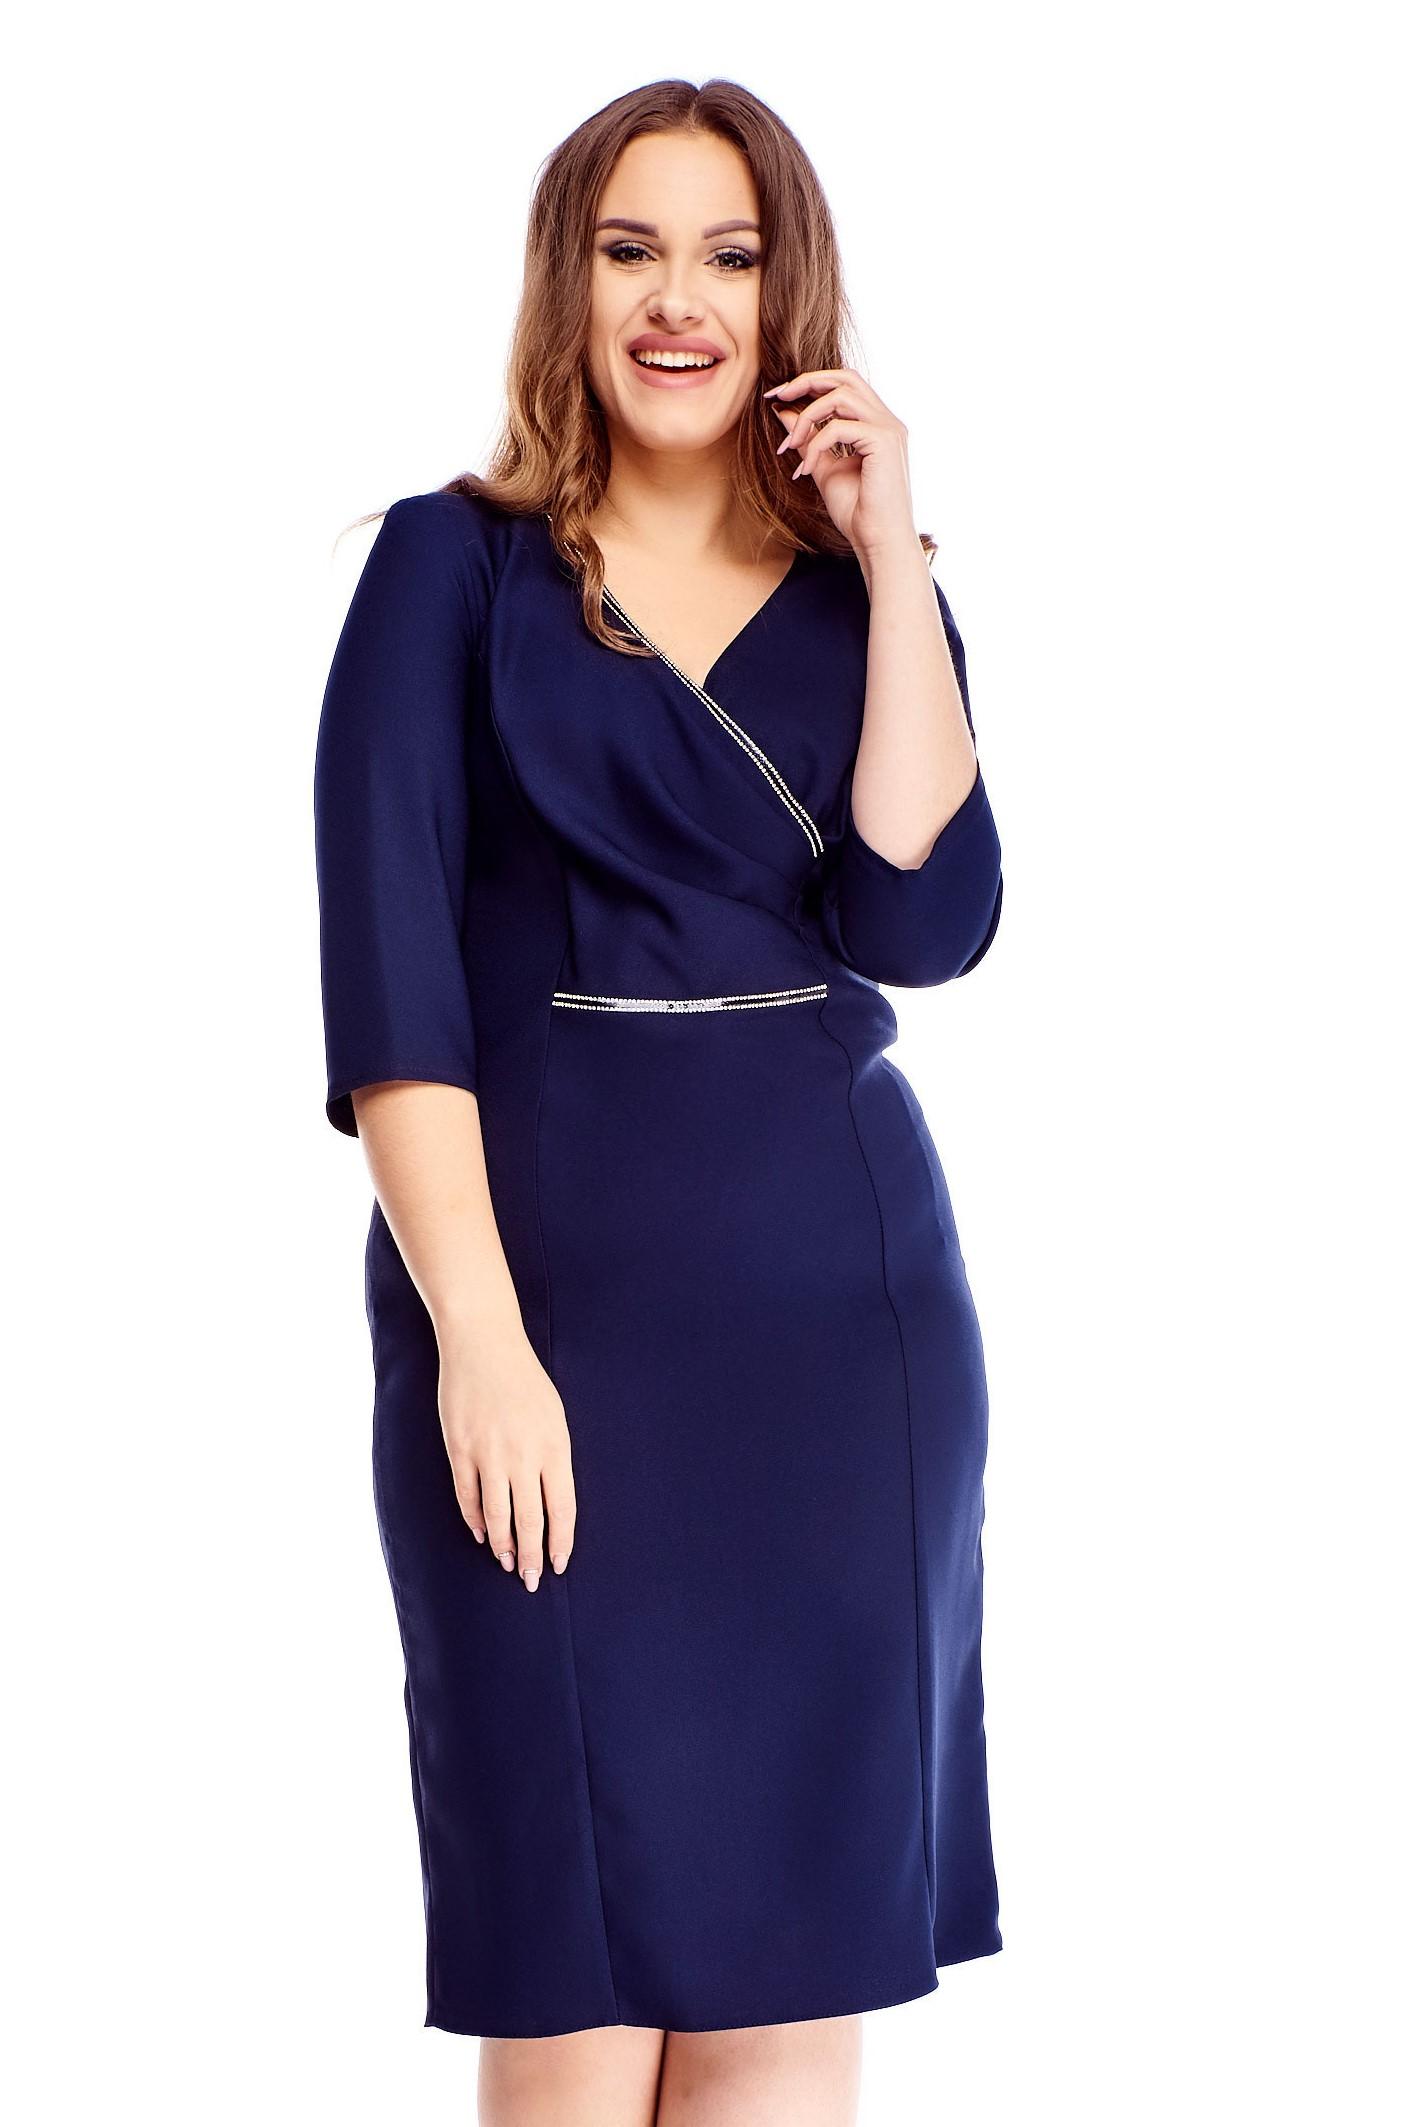 Námornícke modré elegantné puzdrové šaty - 44